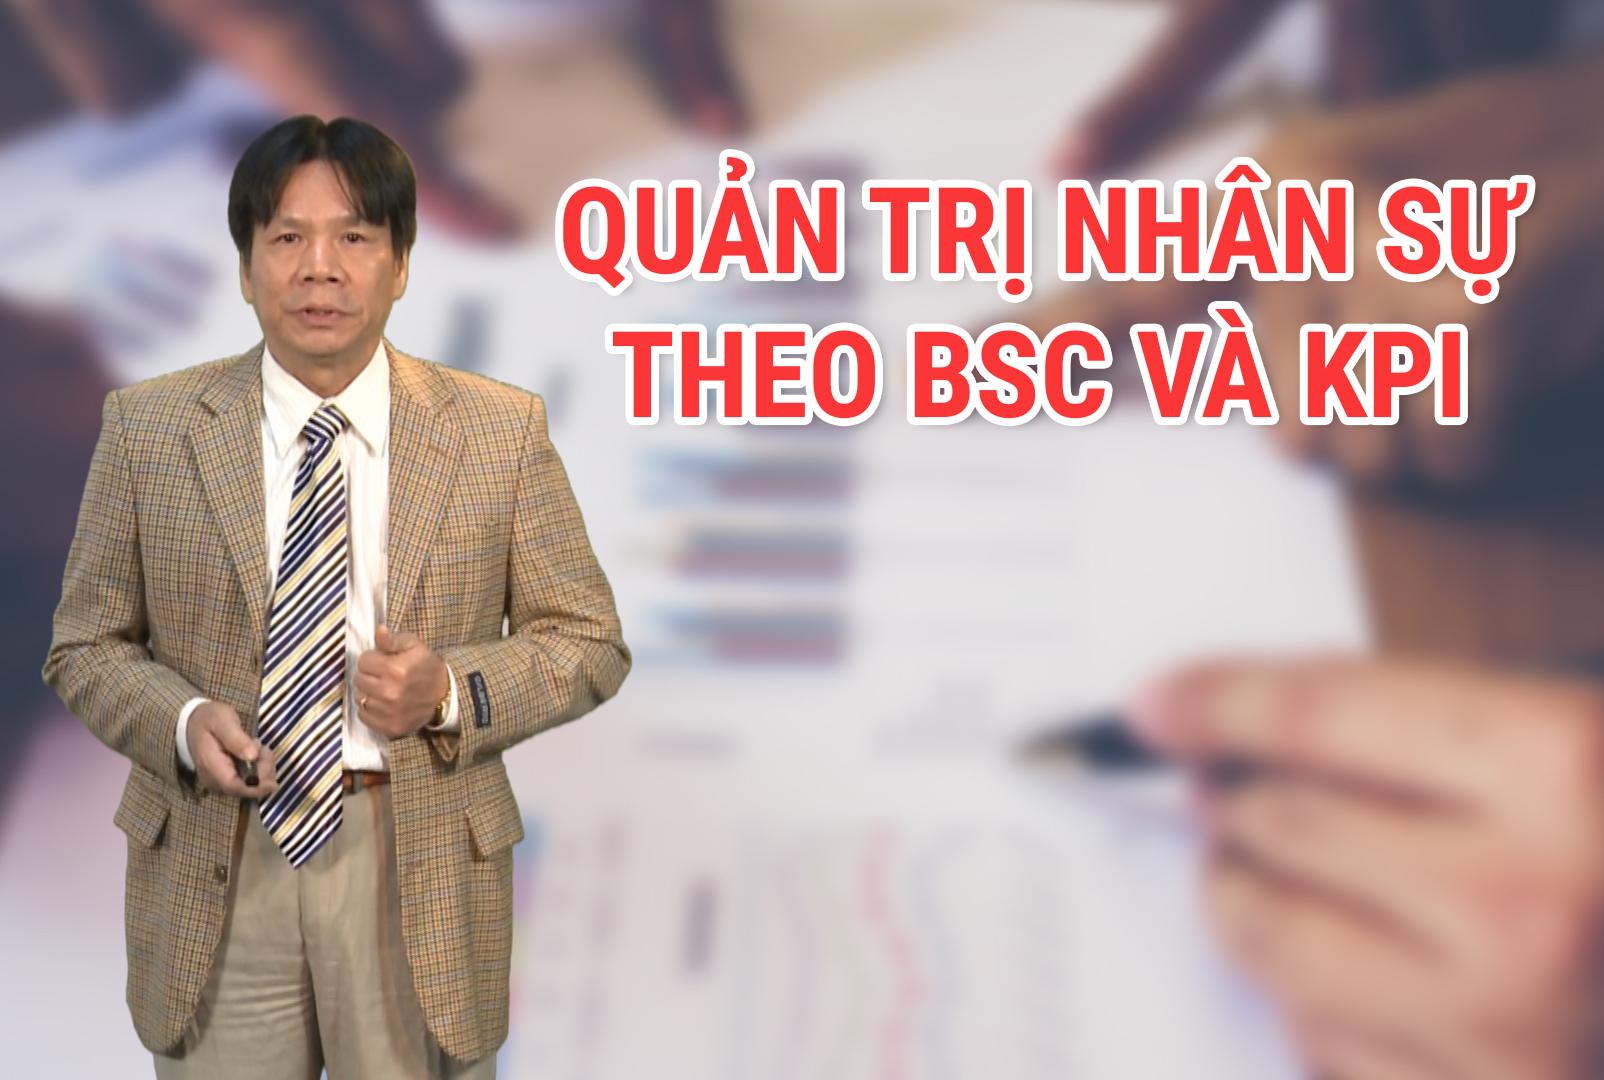 Quản trị nhân sự theo BSC và KPI